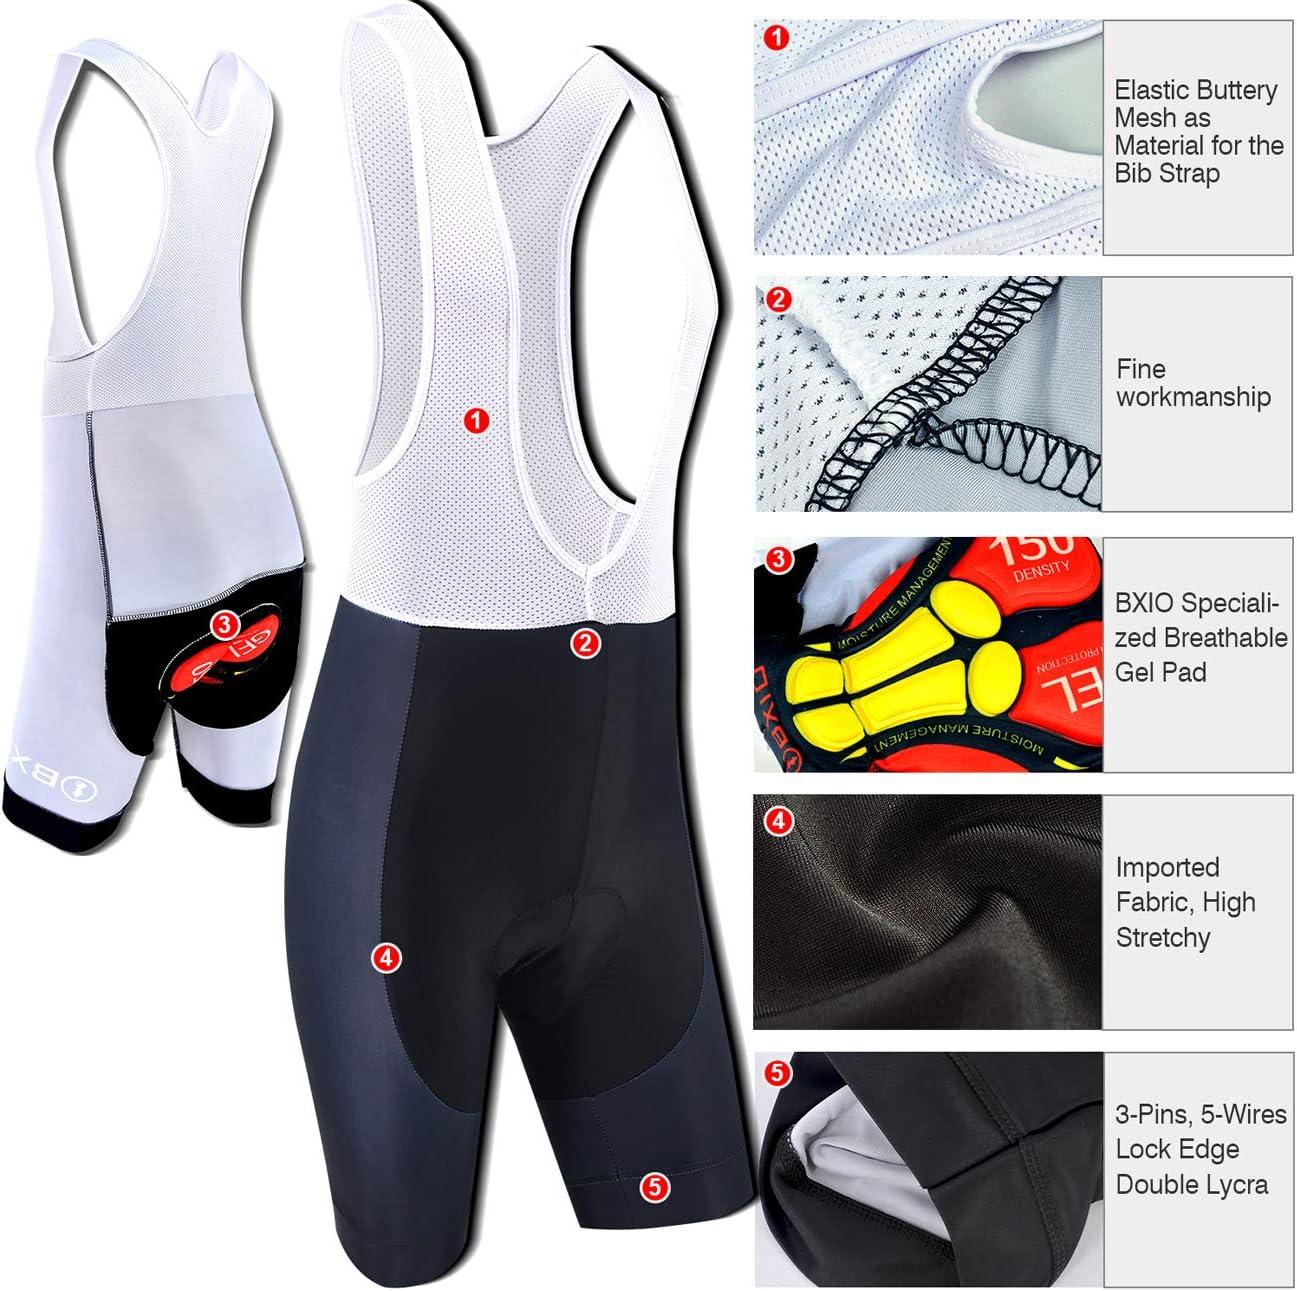 BXIO Ropa de Ciclismo para Hombres Mangas cortas Jerseys de Bicicleta Pantalones Cortos transpirables de Gel 5D 201